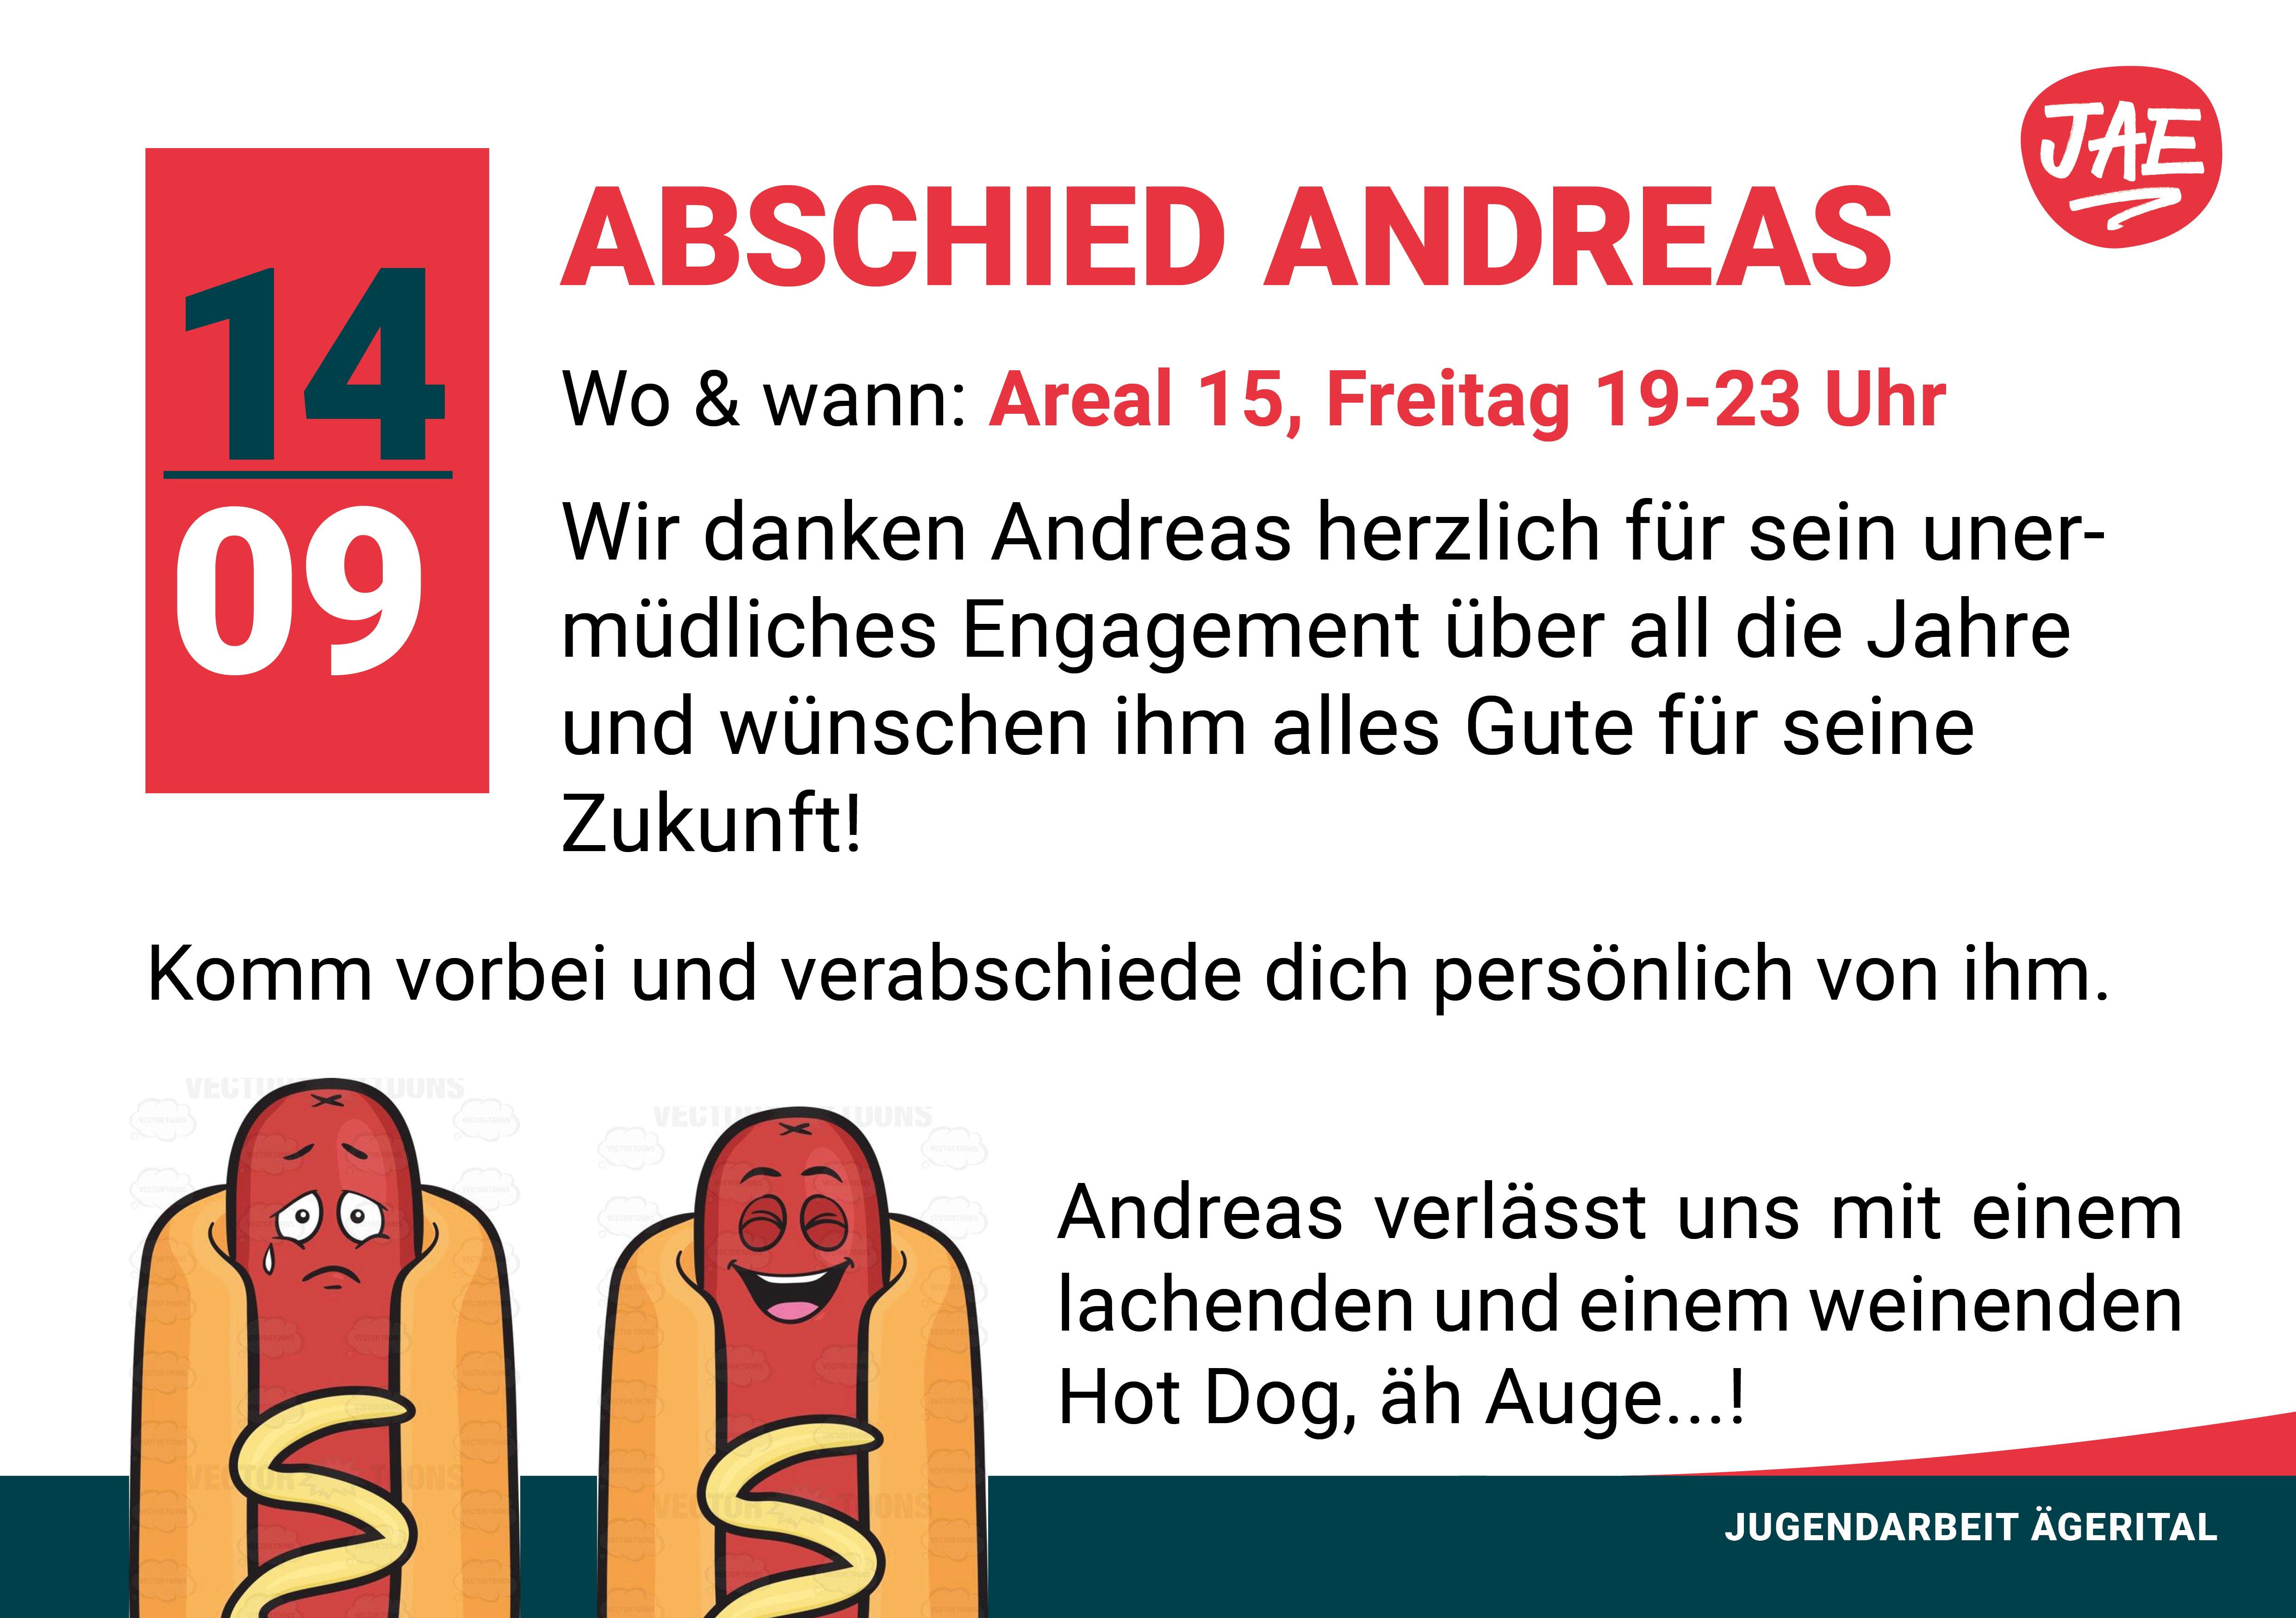 Abschied Andreas Jugendarbeit ägerital